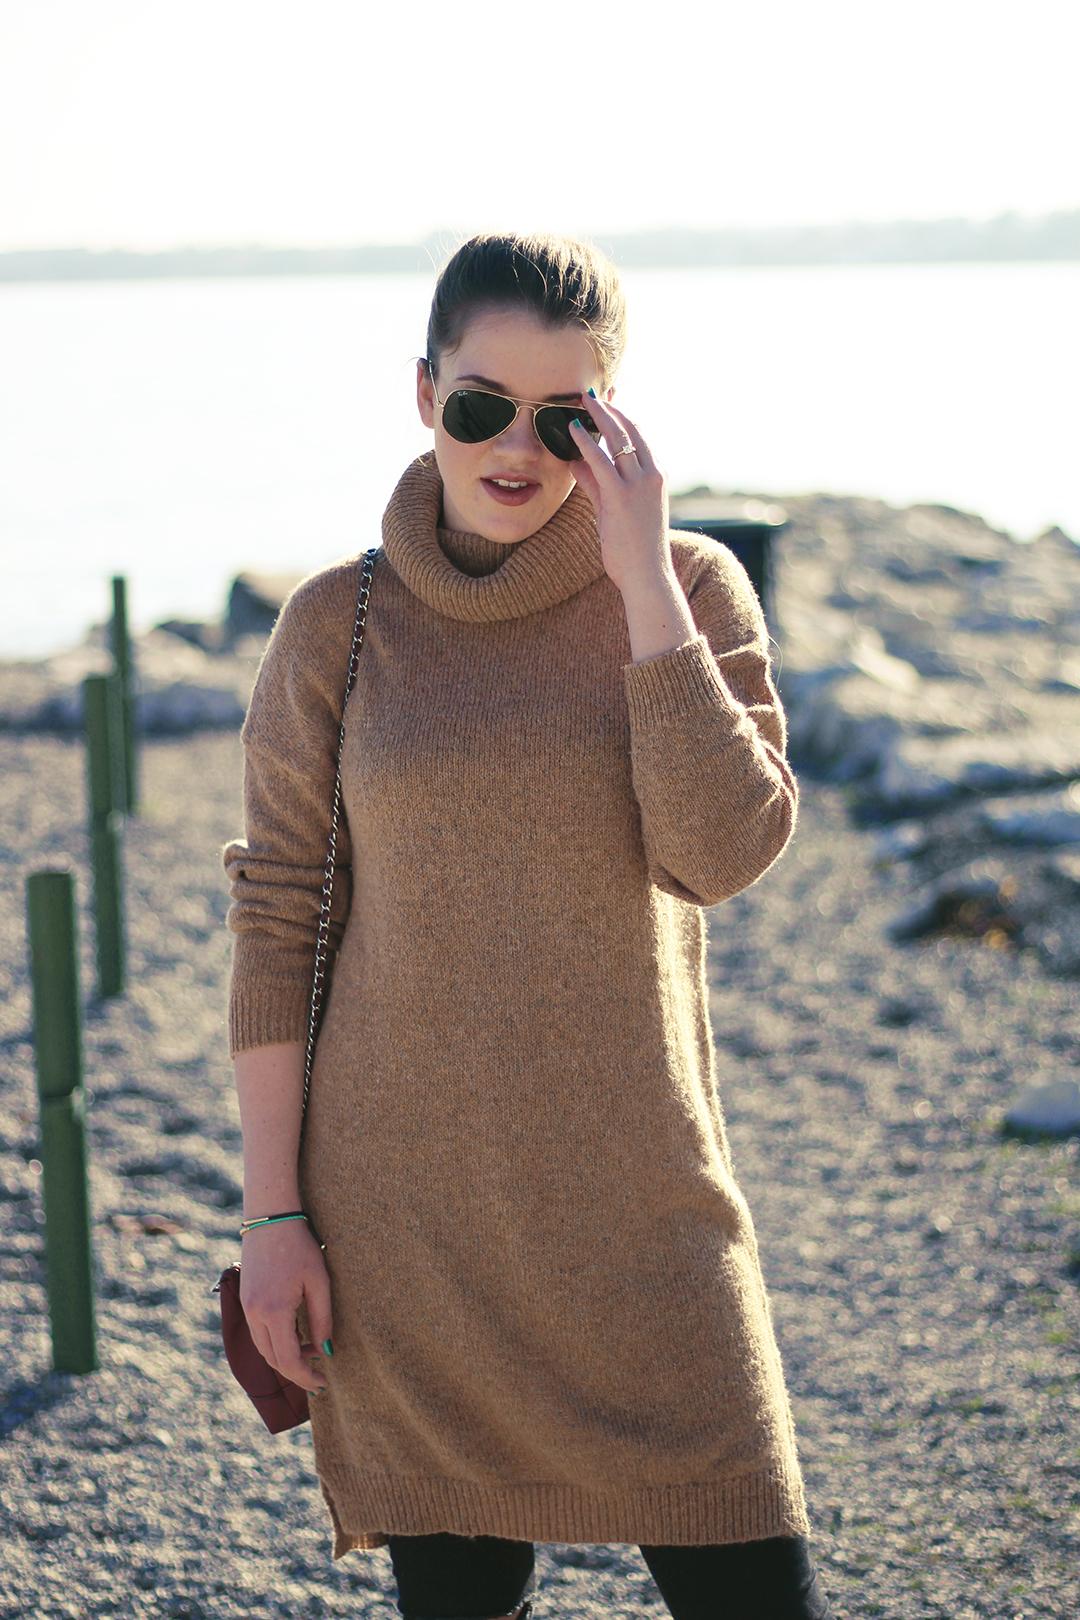 Am Gardasee mit schwarzer Hose und braunem Pullover mit Rayban Brille